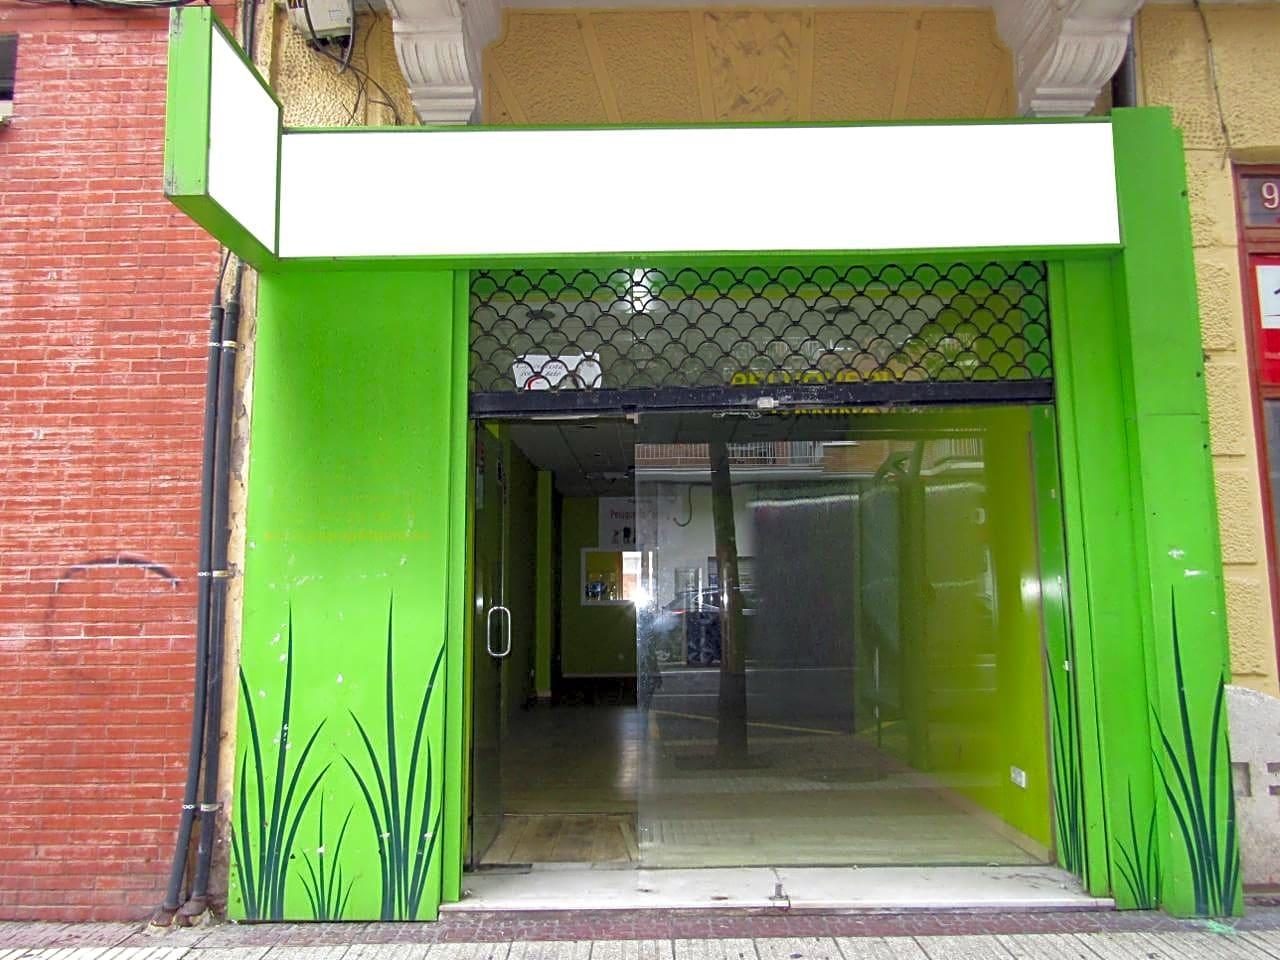 Local en alquiler en Logroño de 60 m2. Ref: AL0218